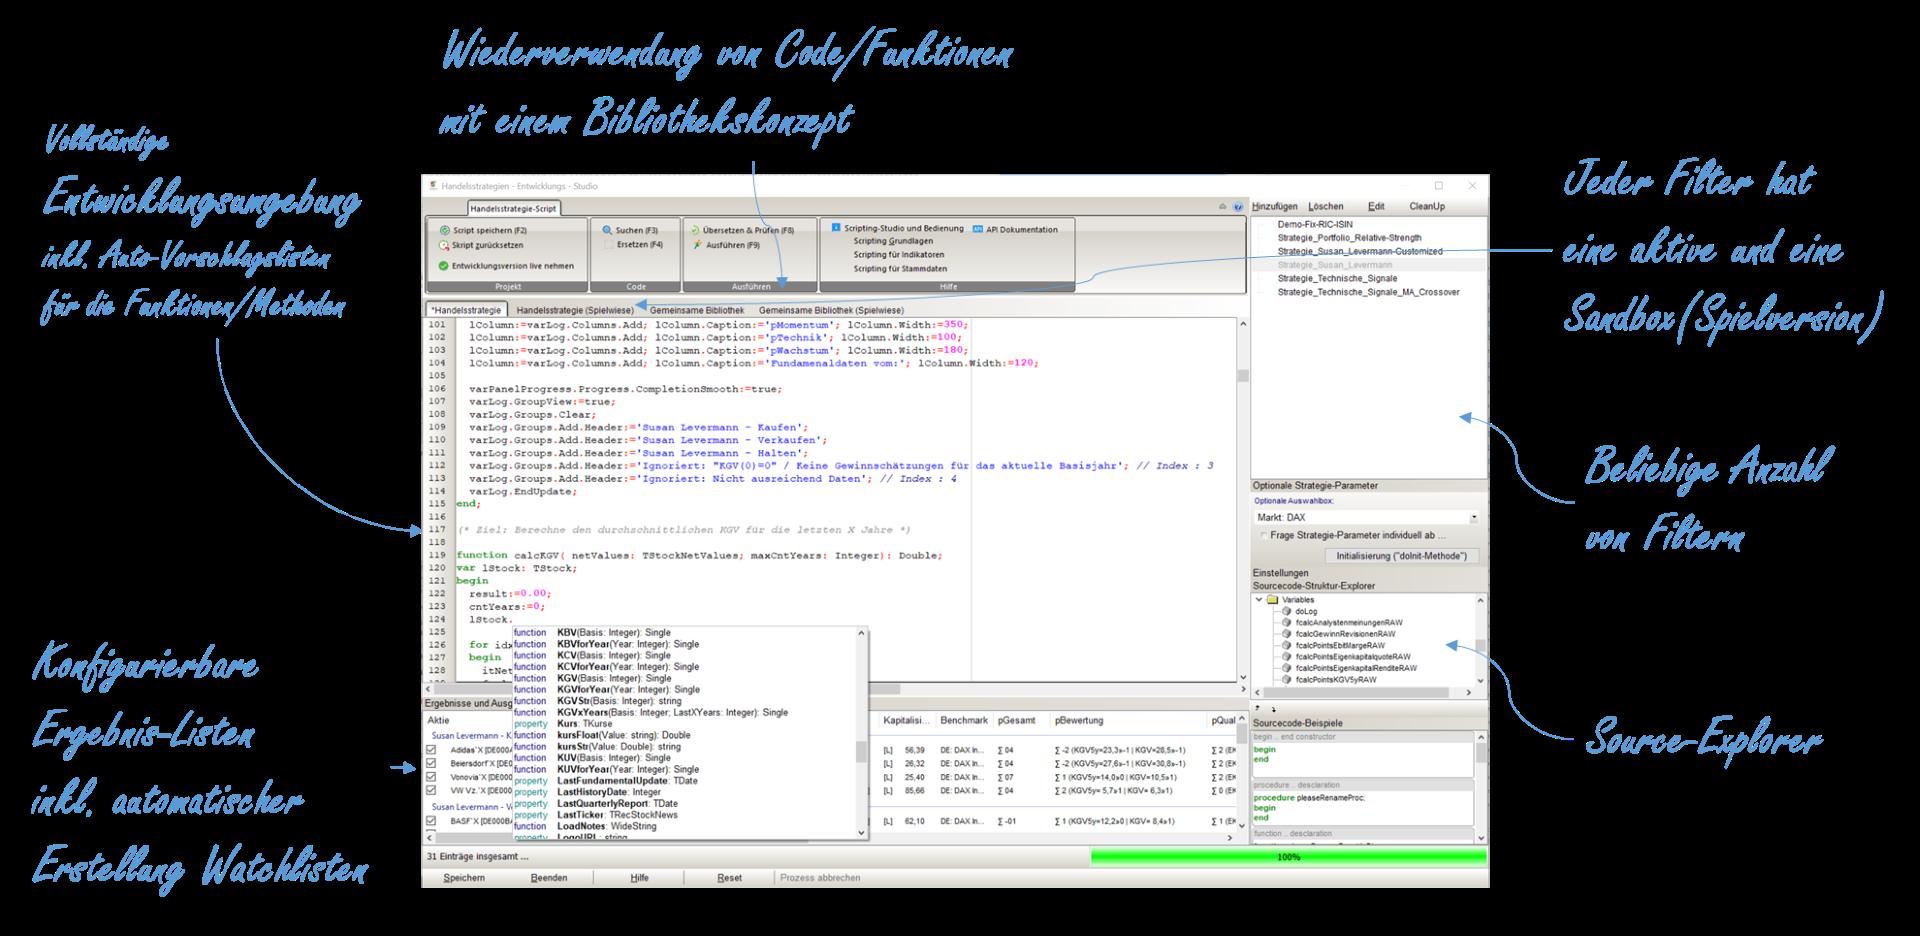 Shareholder Börsensoftware Scripting-Studio für die Entwicklung eigener Handelsstrategien und Filter-Systemen. RMI, Arron, RSI und alle anderen Indikatoren können dabei vollständig genutzt werden.